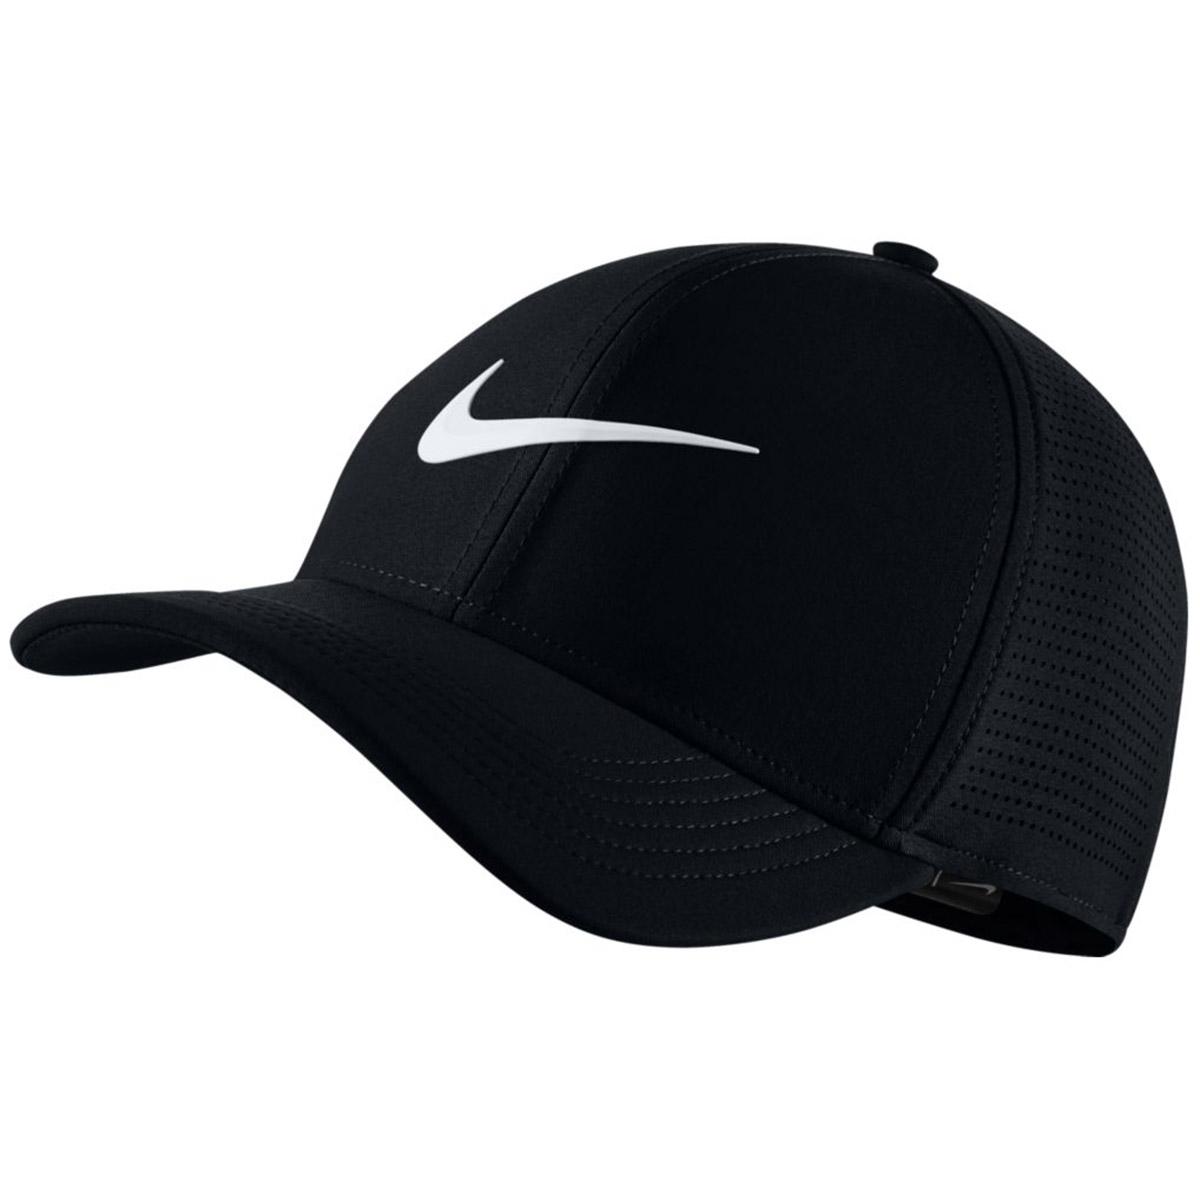 45c3ddd0726 Nike Golf AeroBill Classic 99 Cap from american golf